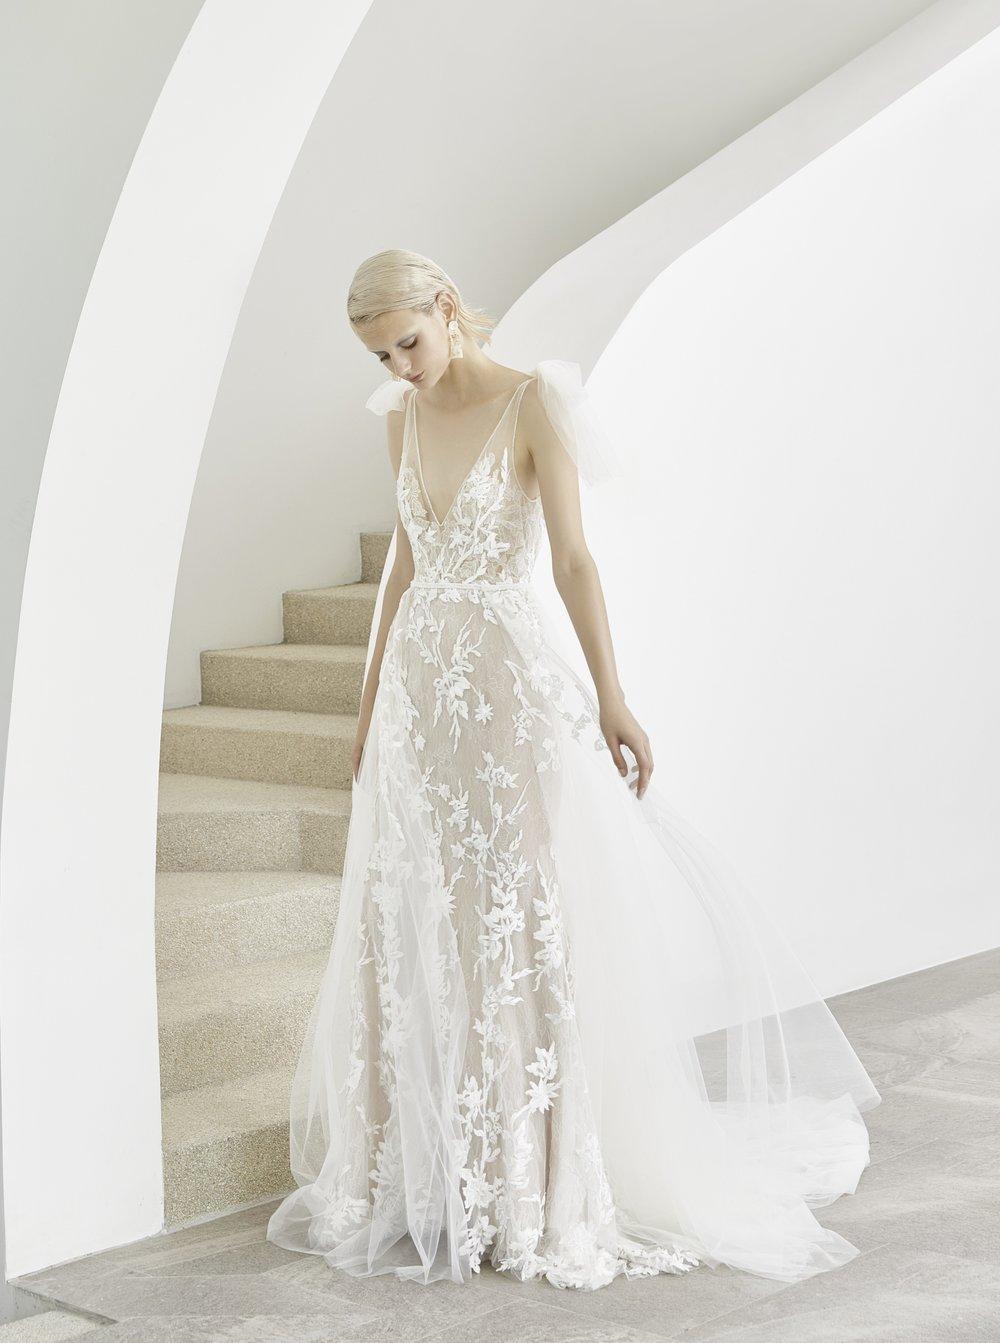 Ach tie šaty :) - Obrázek č. 28